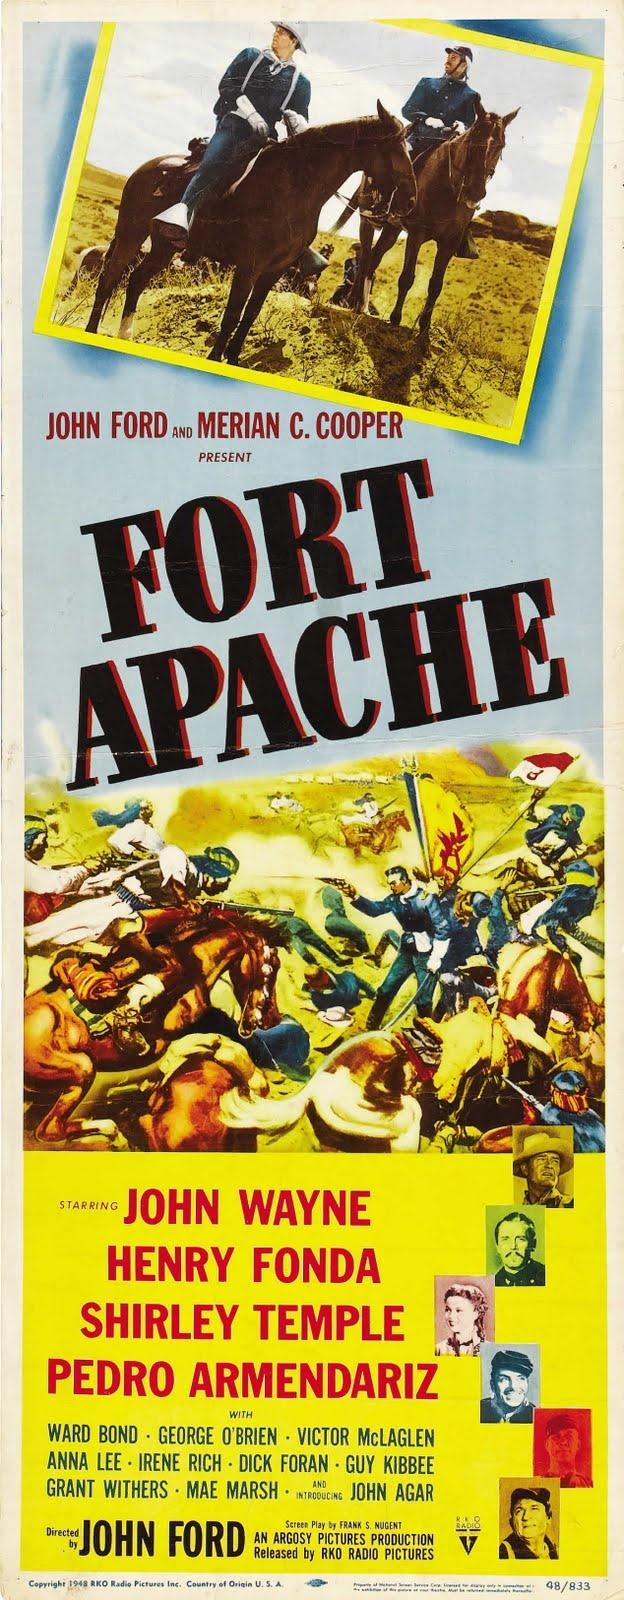 Fort Apache es una película dirigida por John Ford en el año 1948 y con John Wayne y Henry Fonda como actores principales. Es la primera película de la Trilogía de la caballería, que completan La legión invencible y Río Grande.